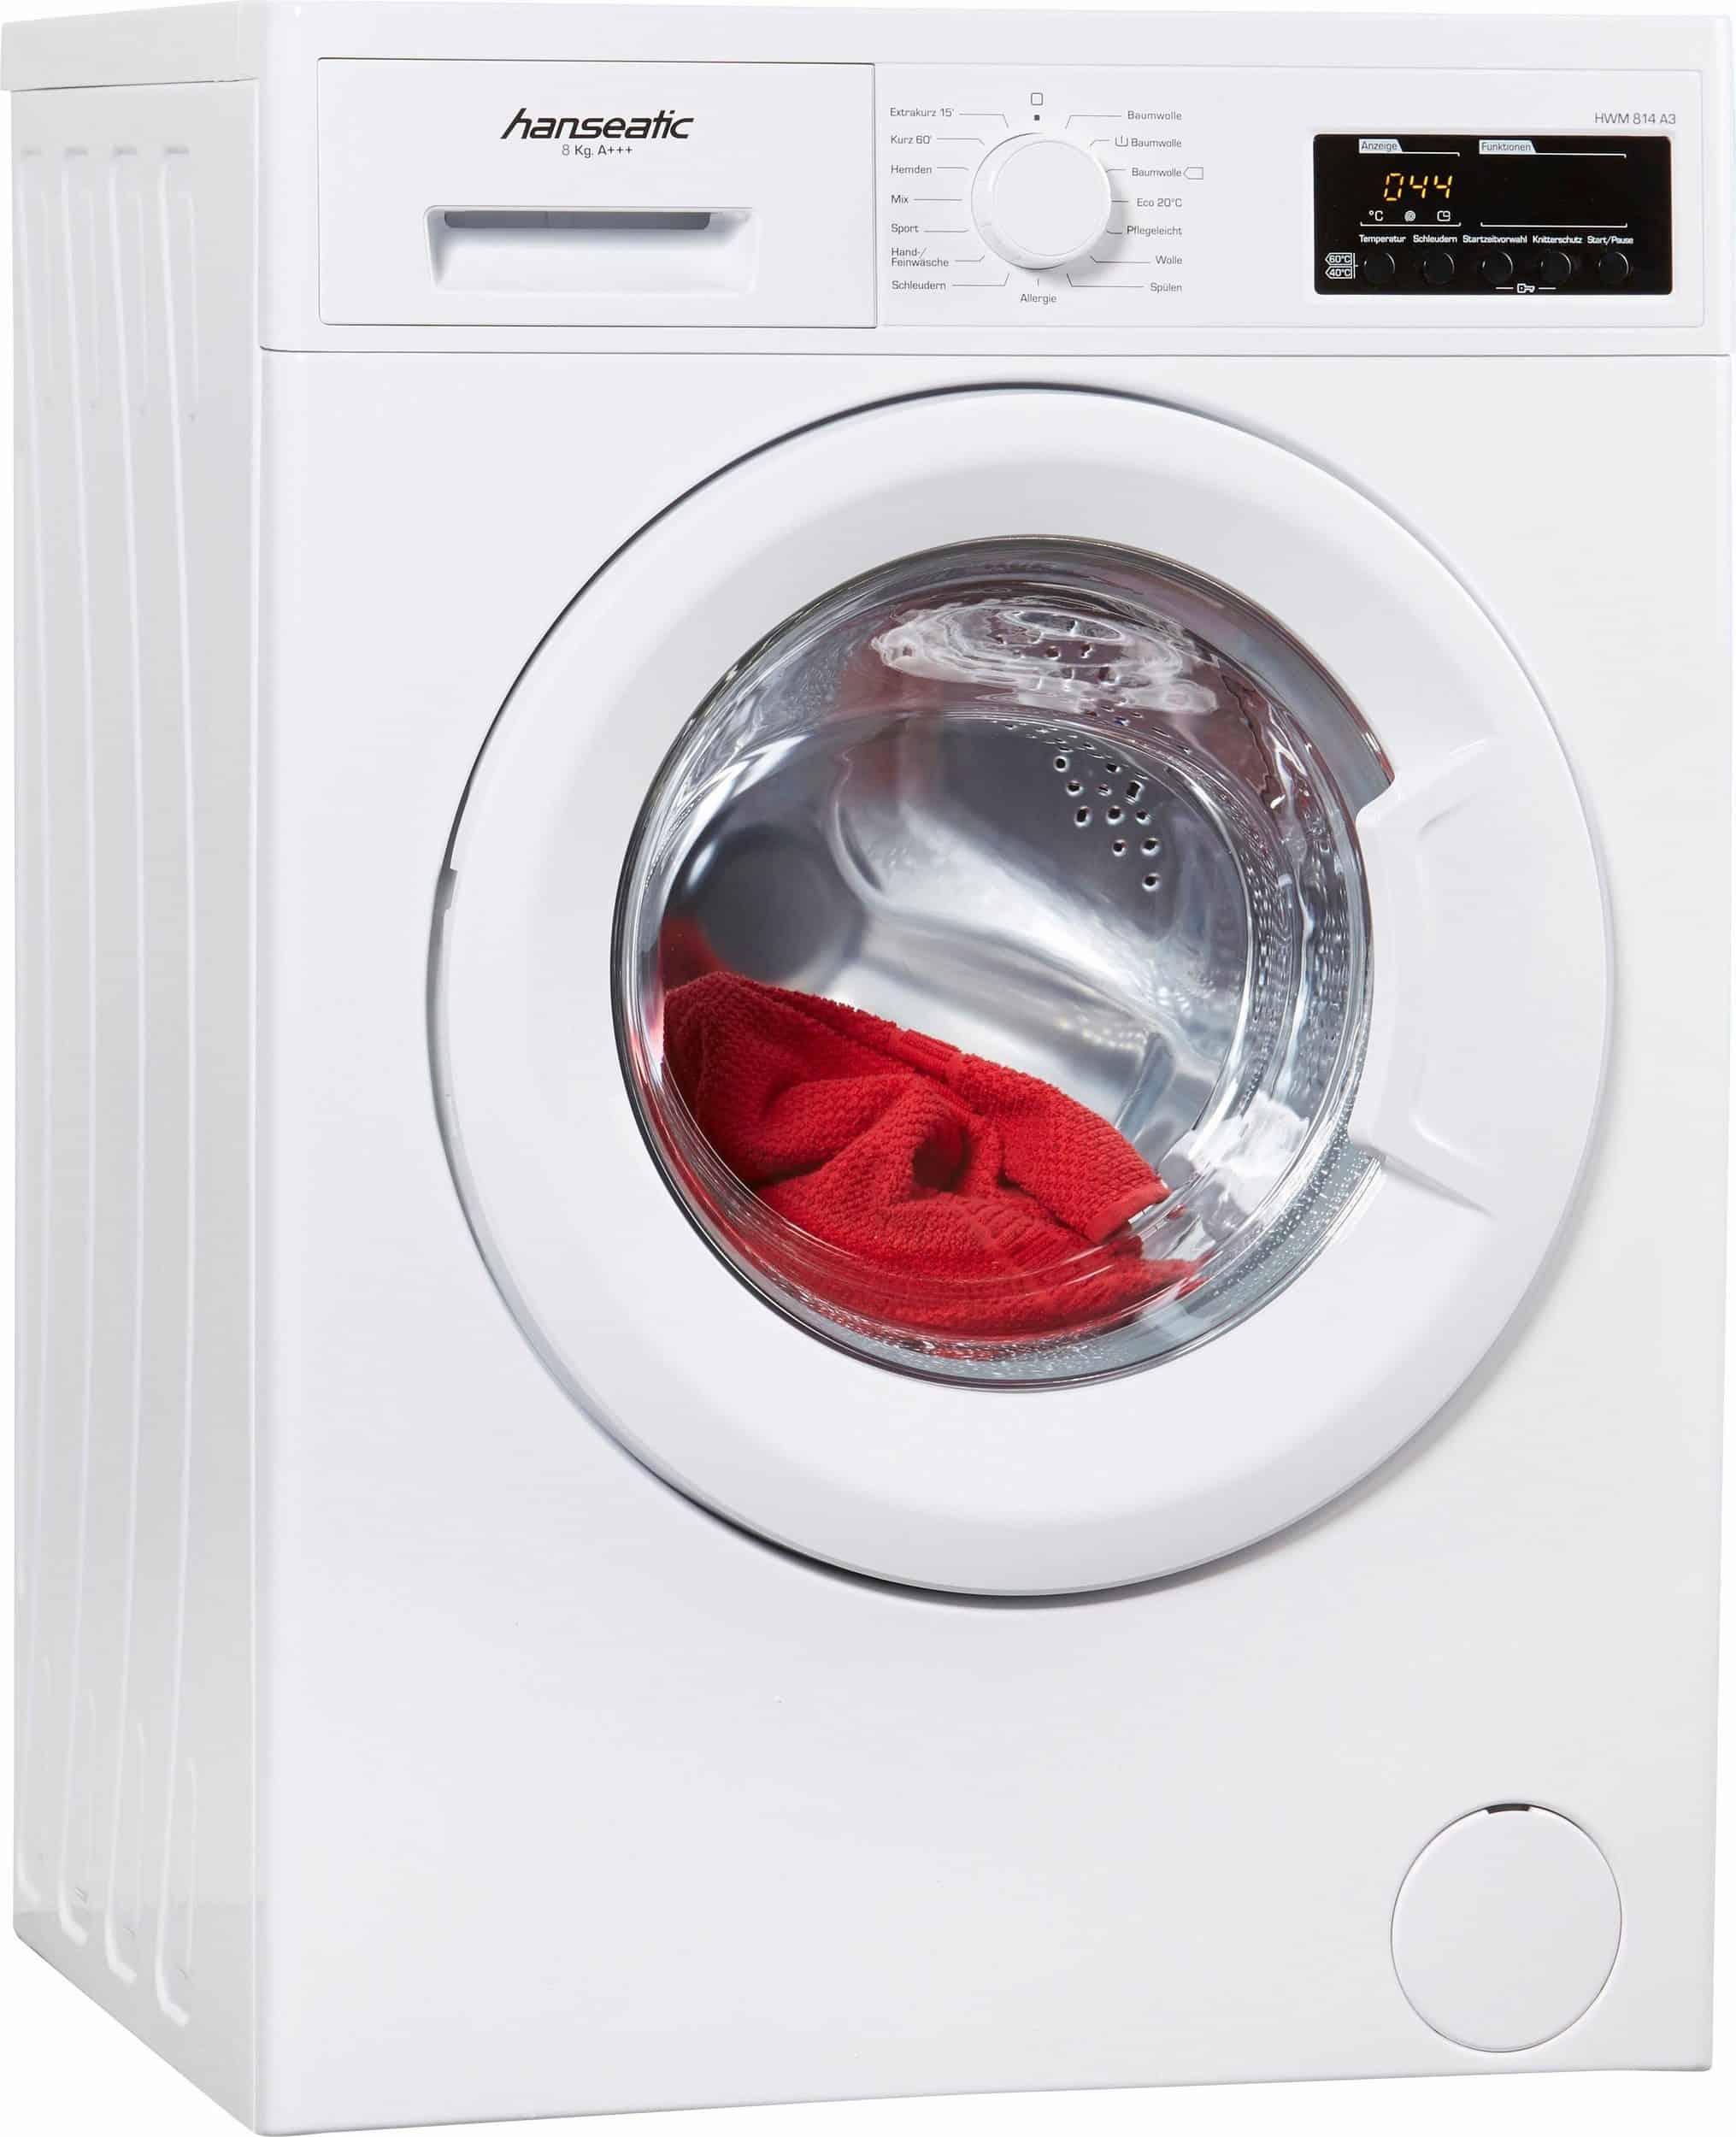 hanseatic hwm 814 a3 waschmaschine im test 2017 hanseatic waschmaschine. Black Bedroom Furniture Sets. Home Design Ideas